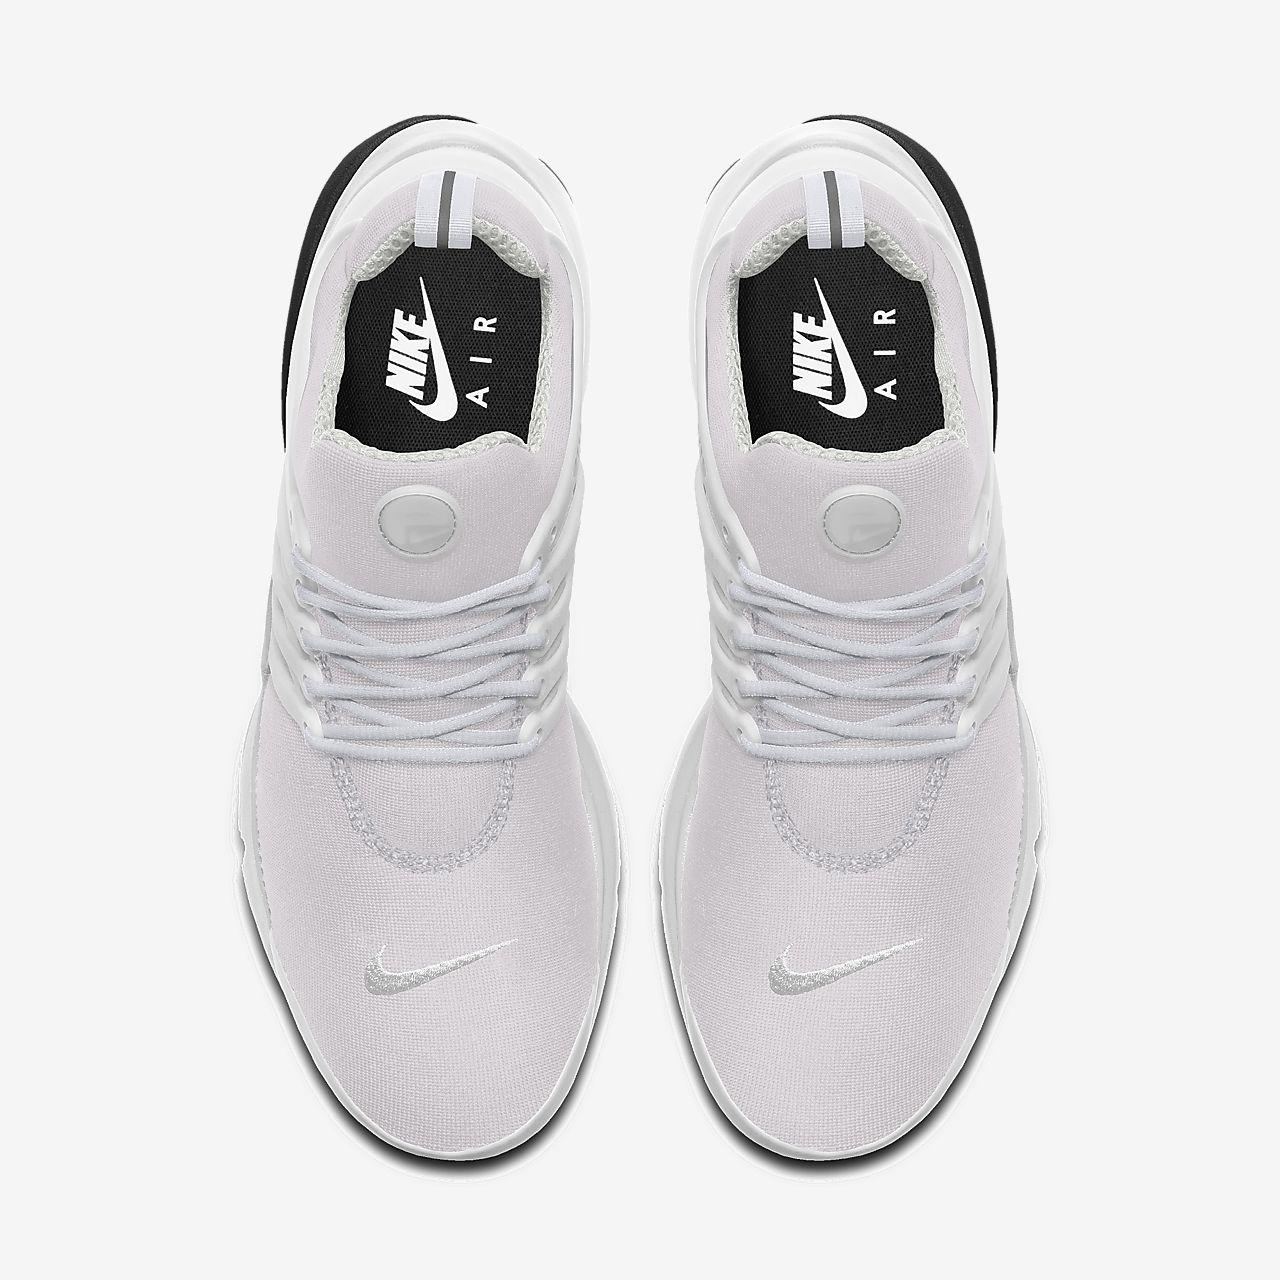 Air Presto Women's Shoe | shoes | Sneakers nike, Nike shoes